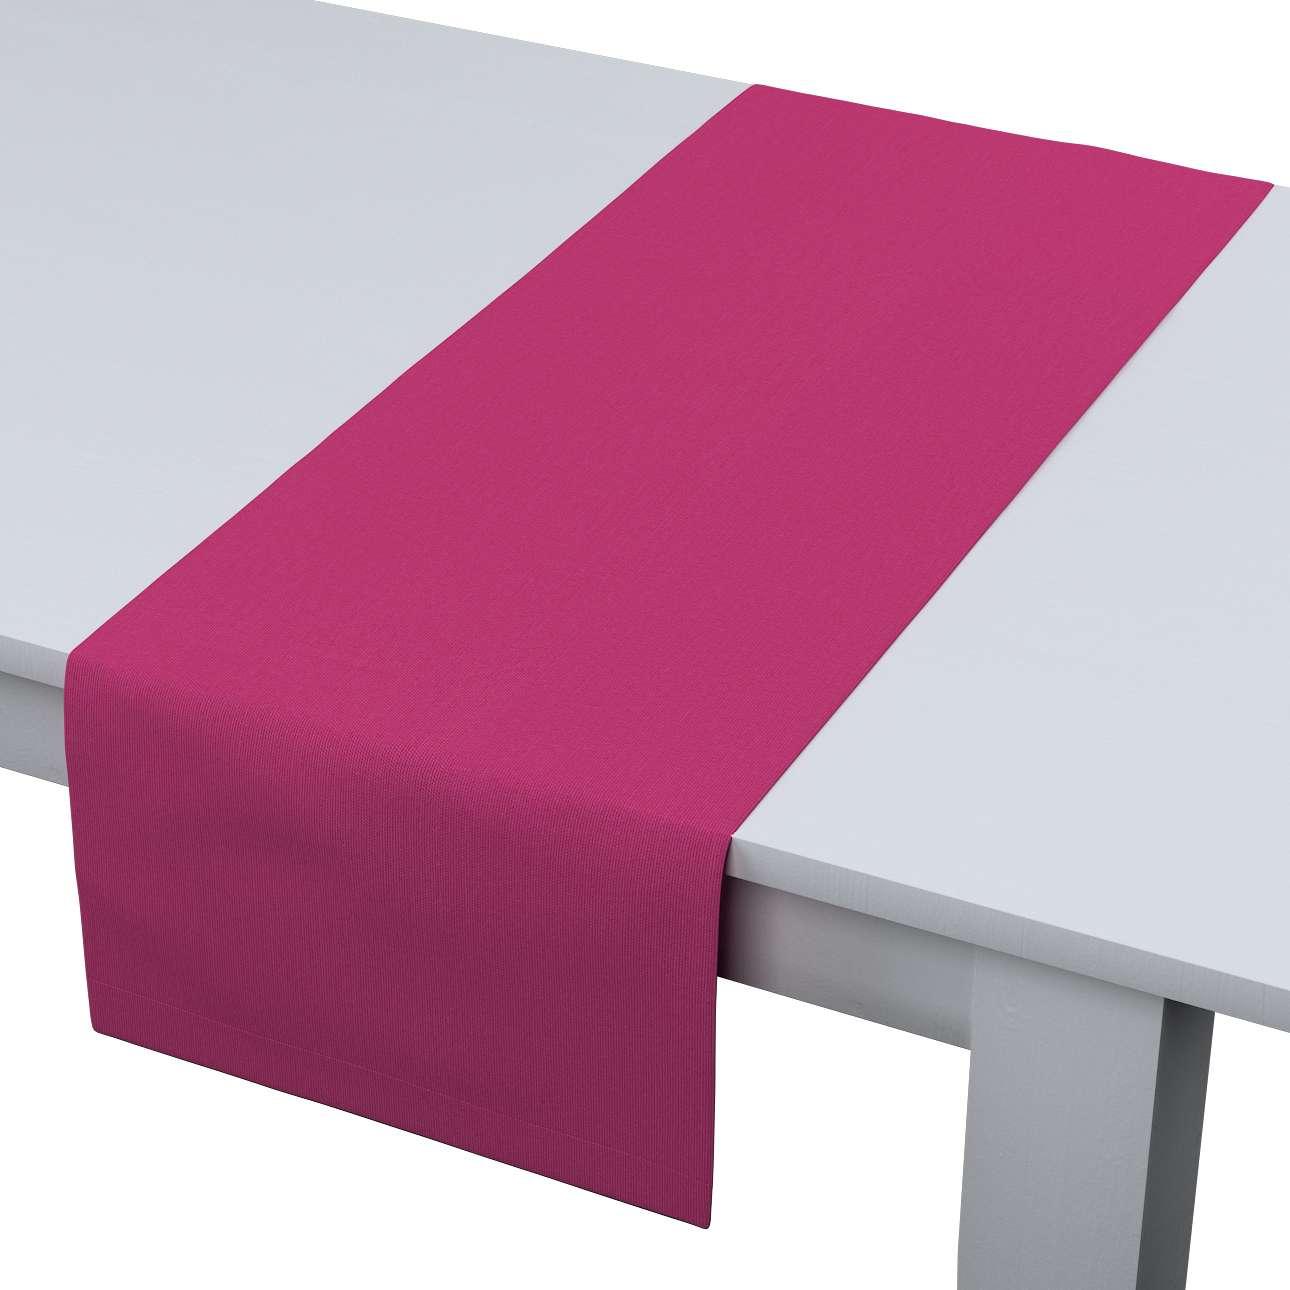 Rechteckiger Tischläufer 40 x 130 cm von der Kollektion Loneta, Stoff: 133-60